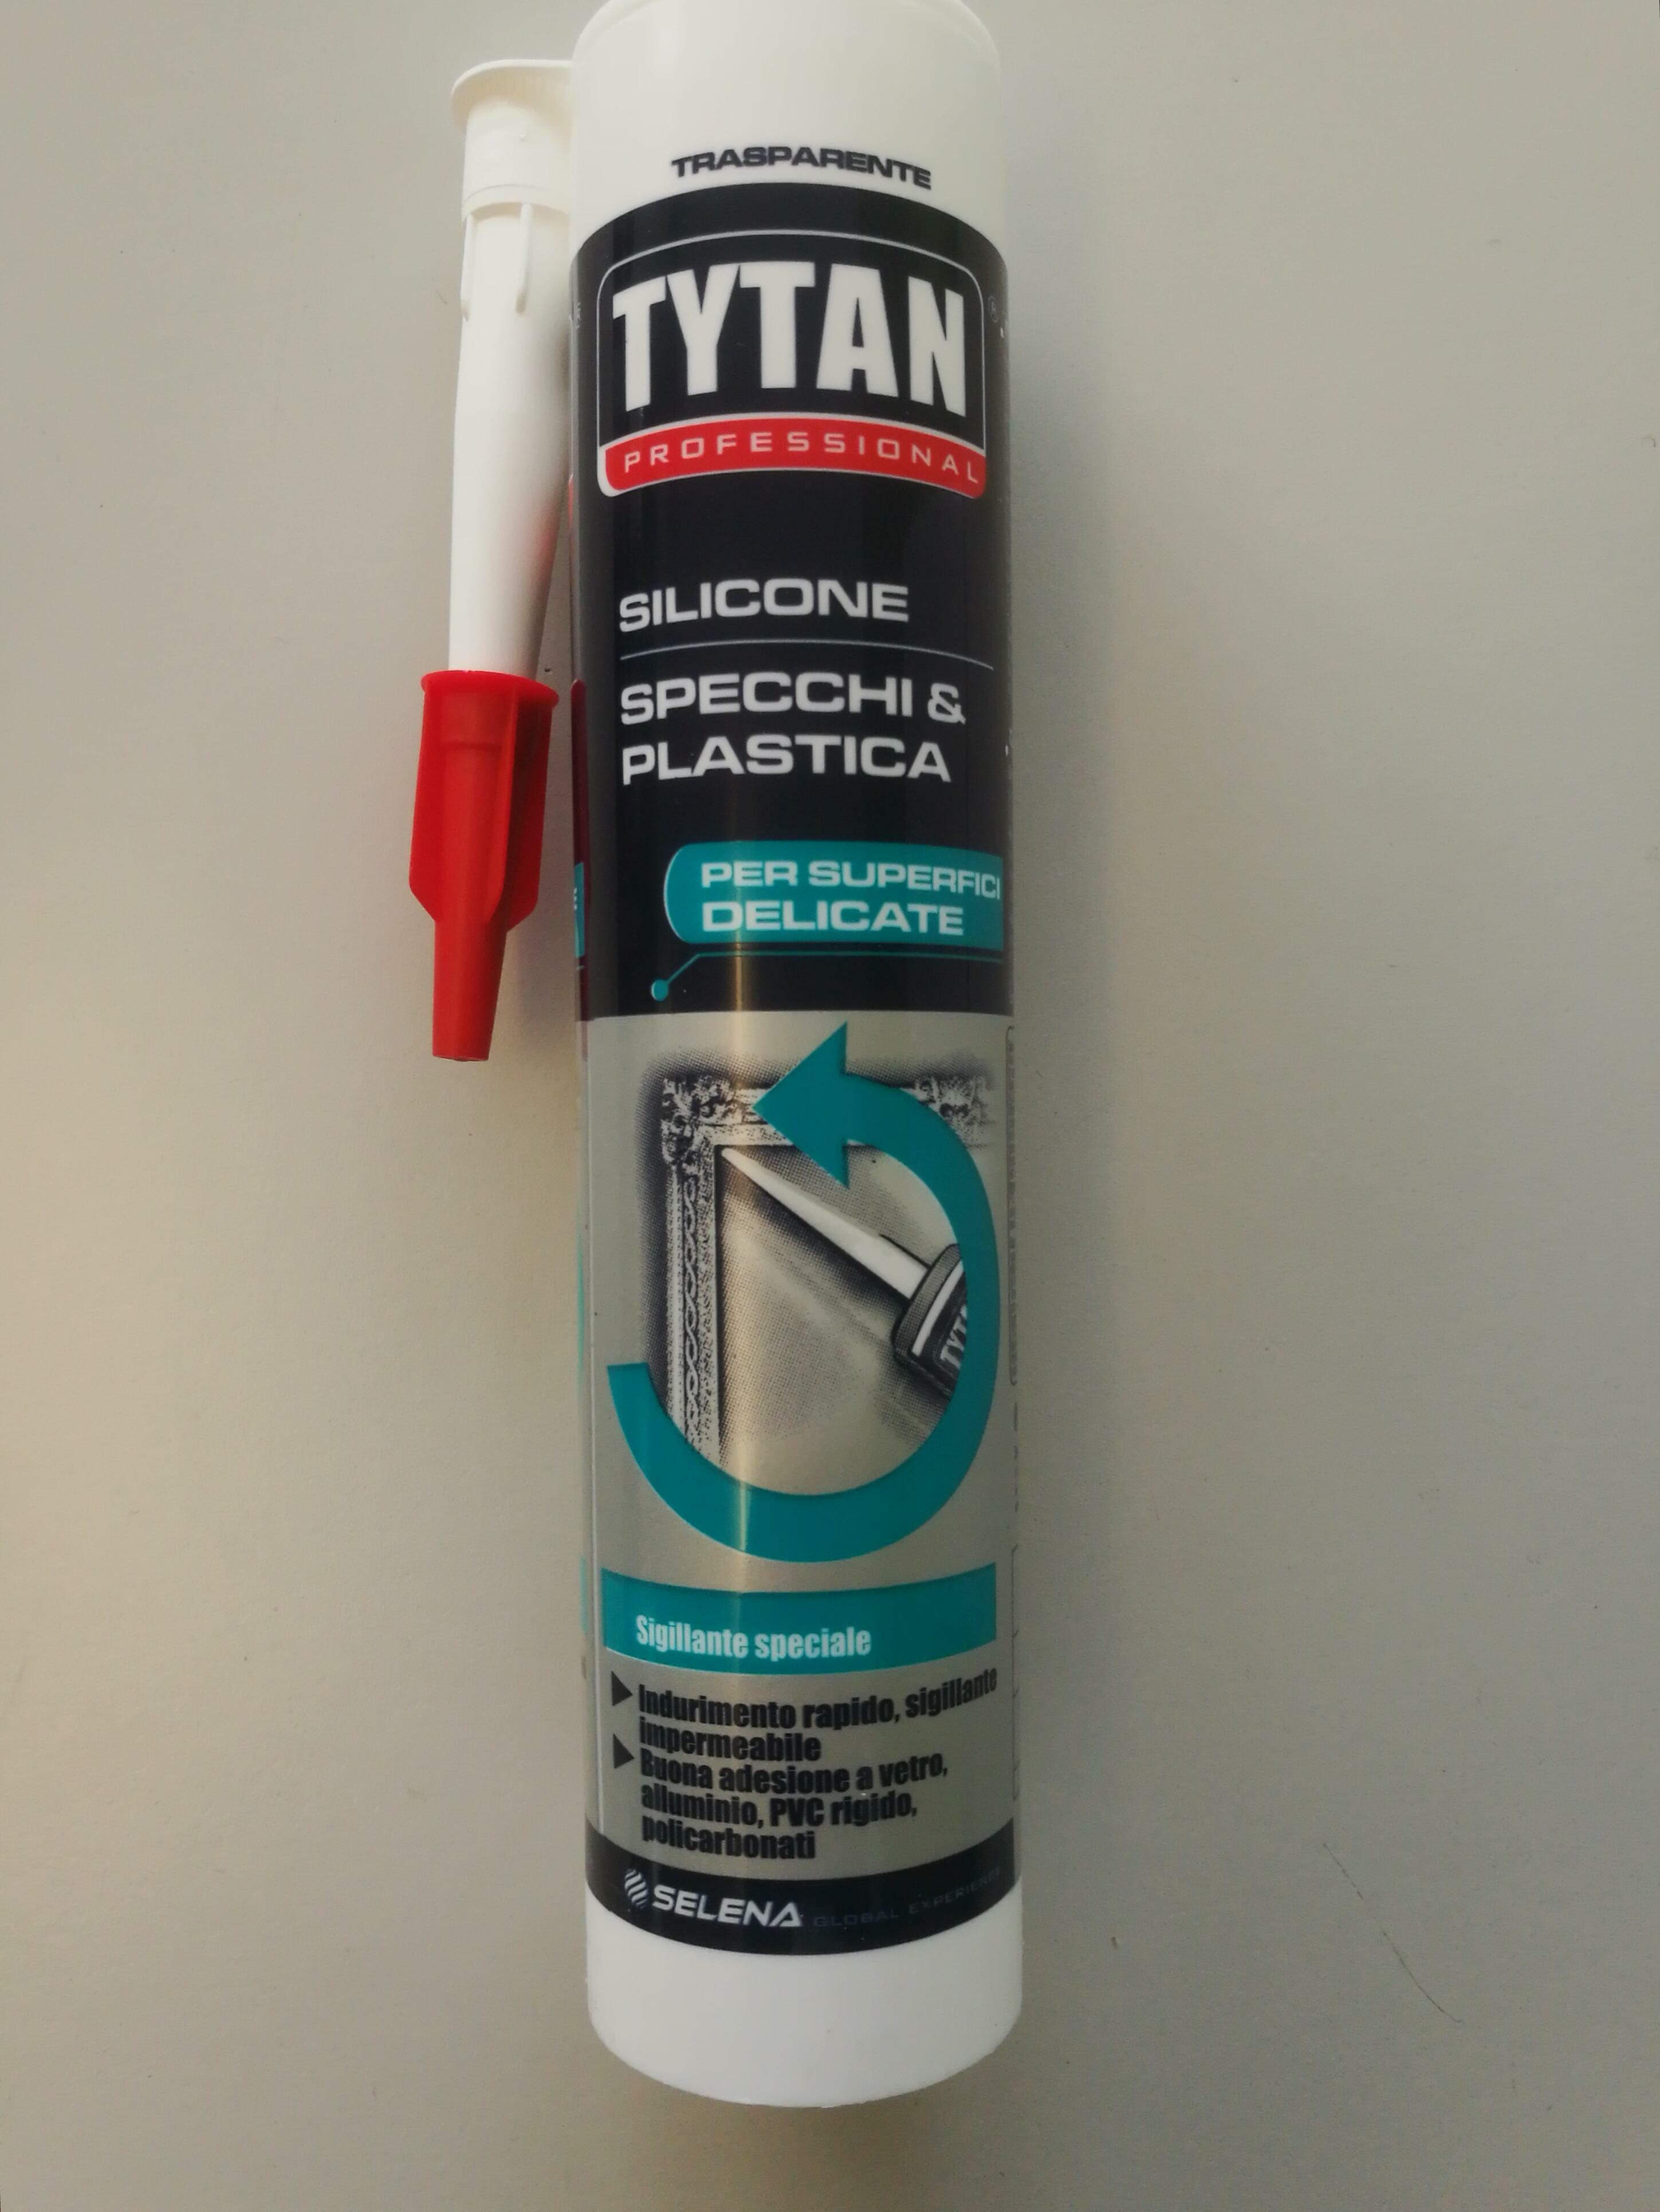 tytan professional tytan professional silicone per specchi e plastica trasparente 300 ml